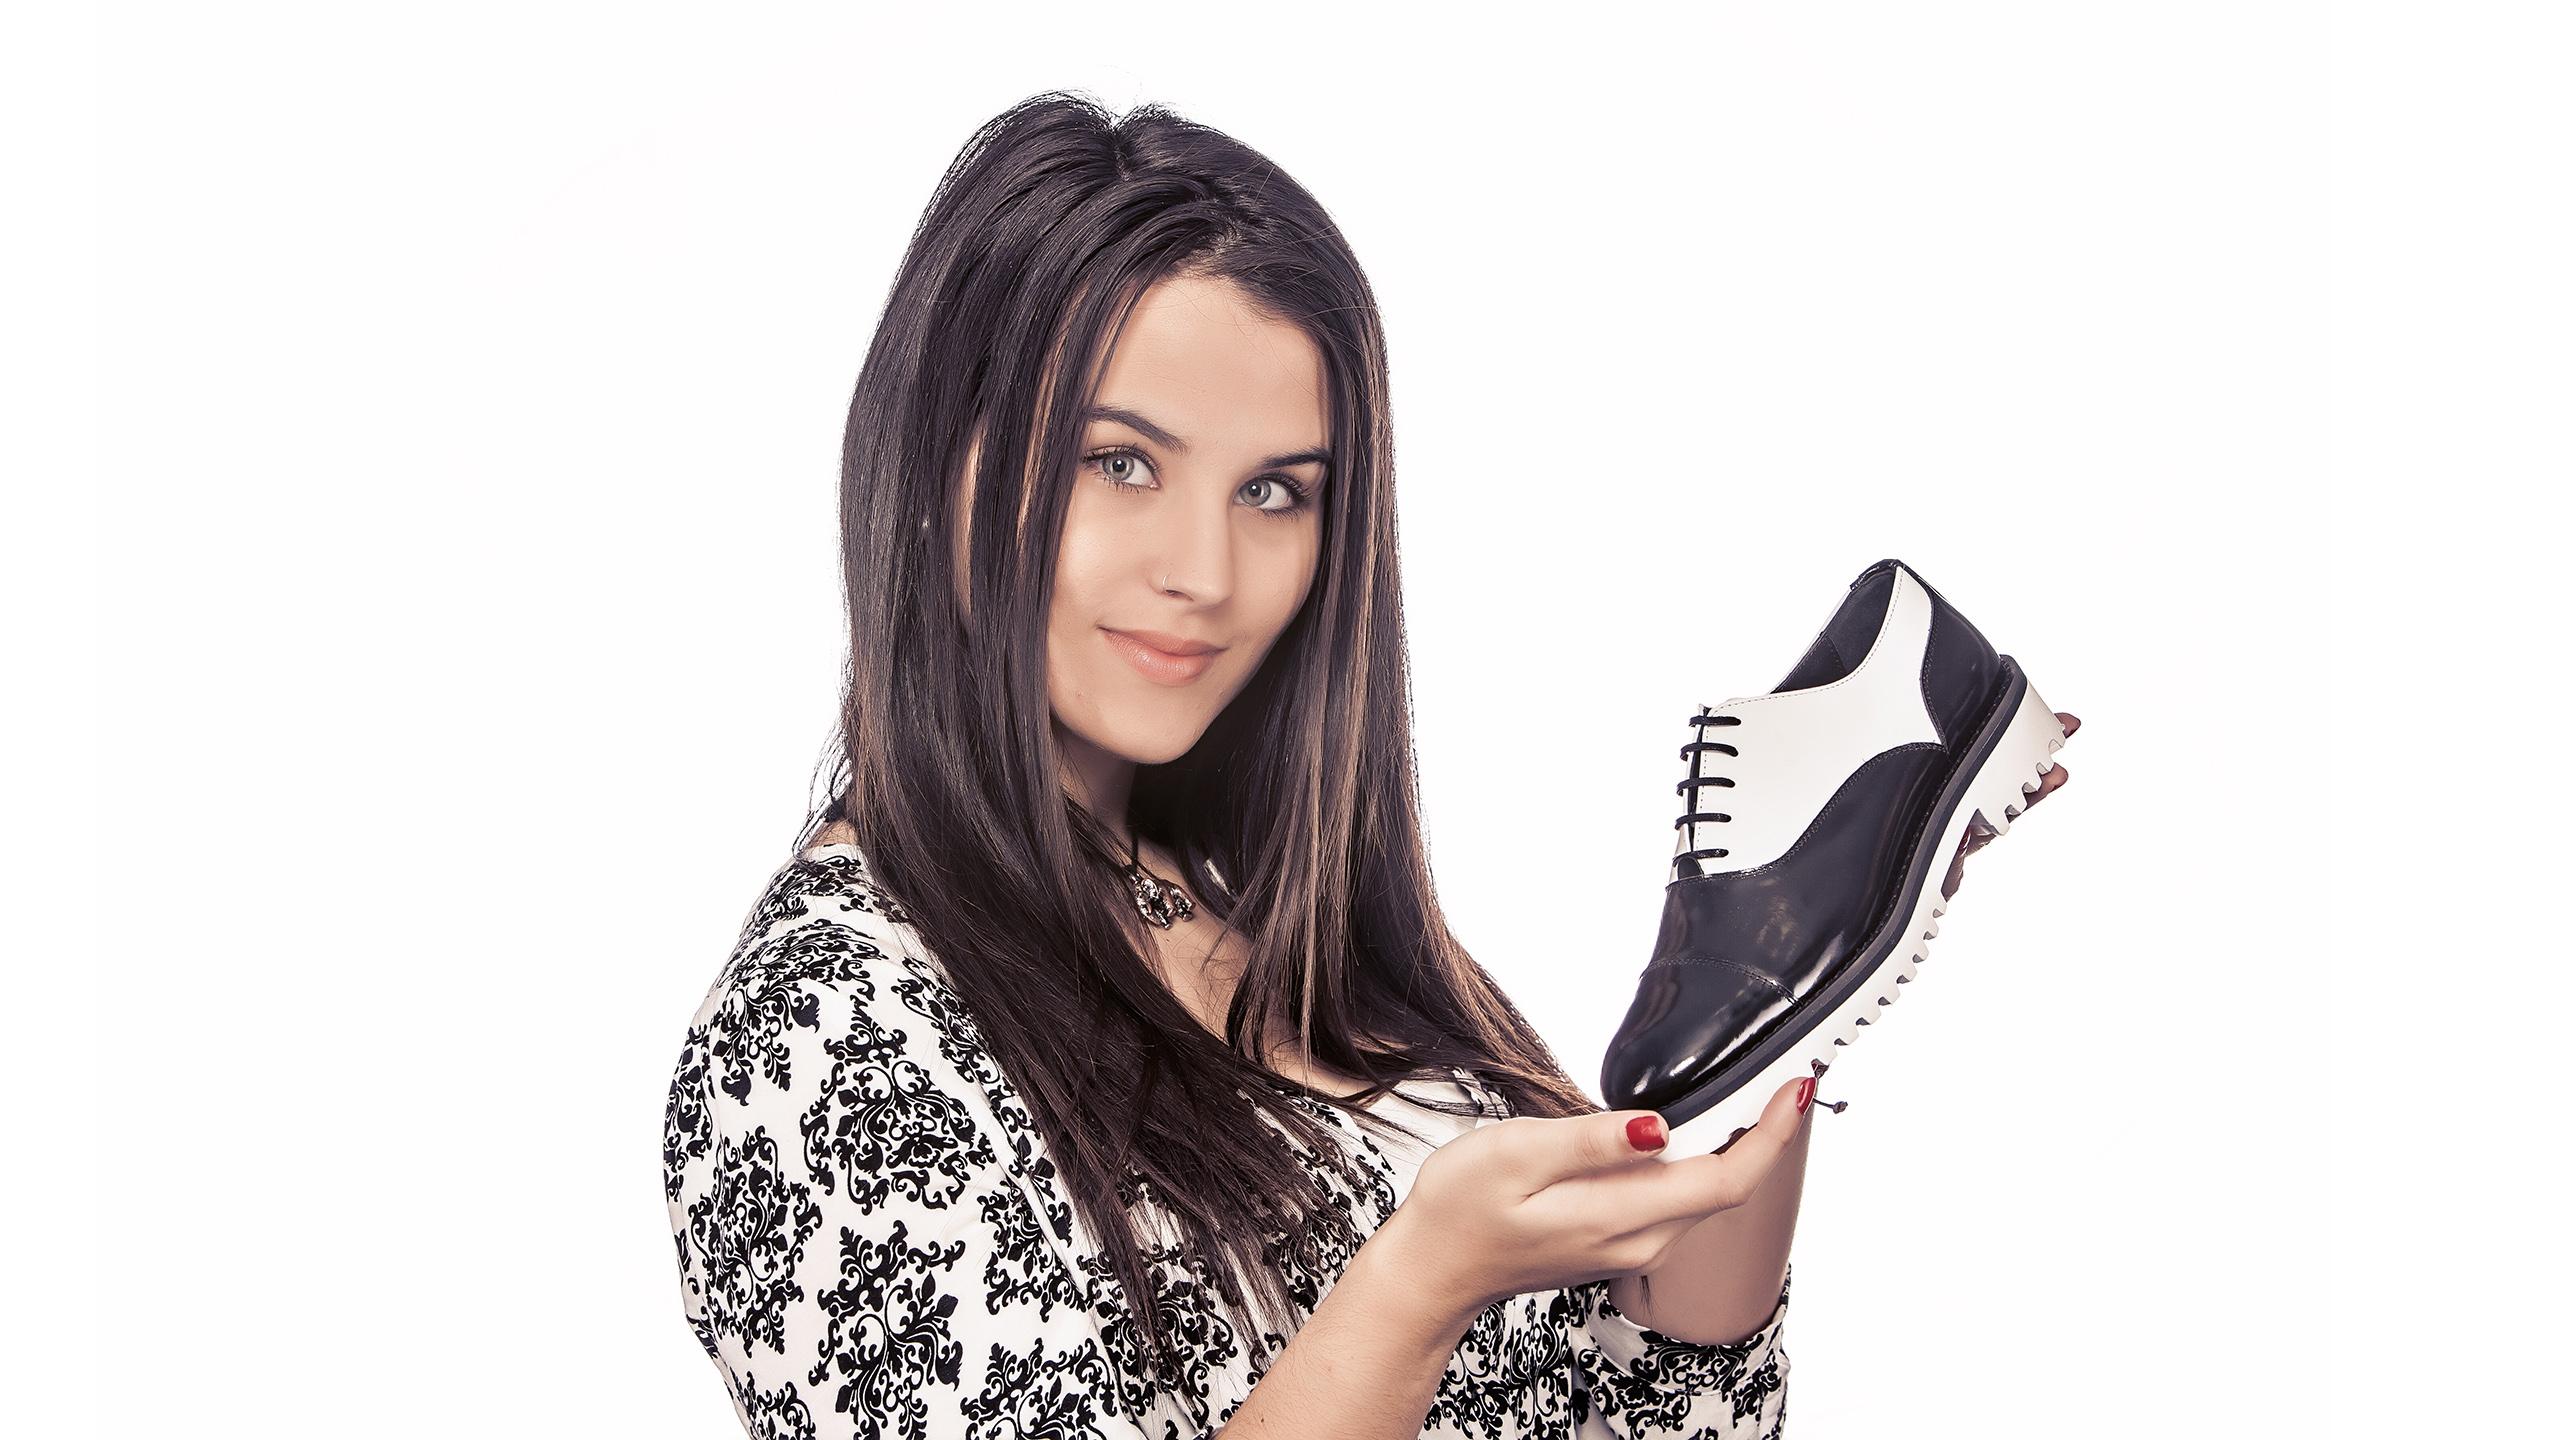 producto cris&shoes 17